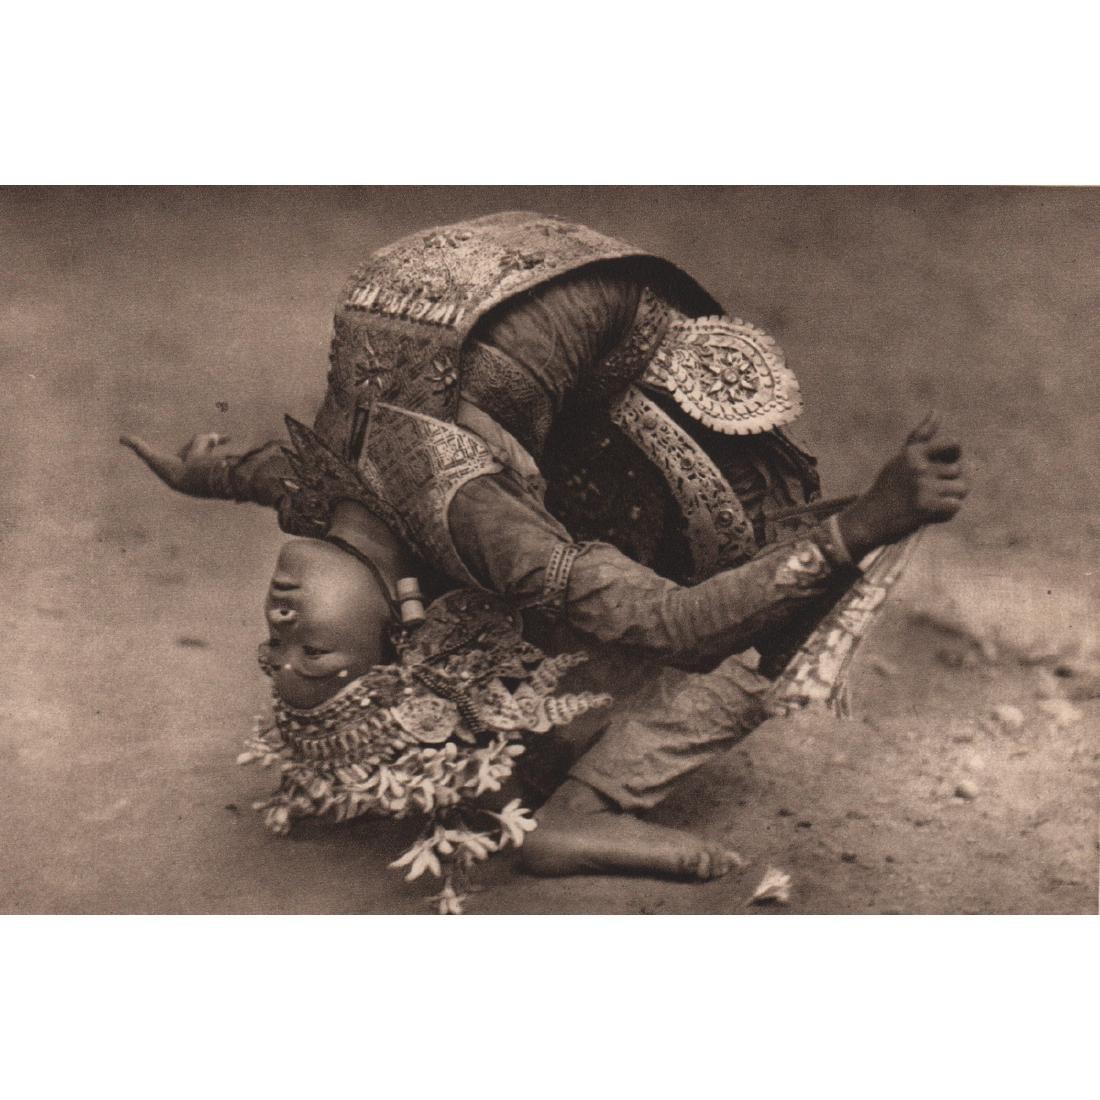 HUGO BERNATZIK - Legon Dancer of Bali